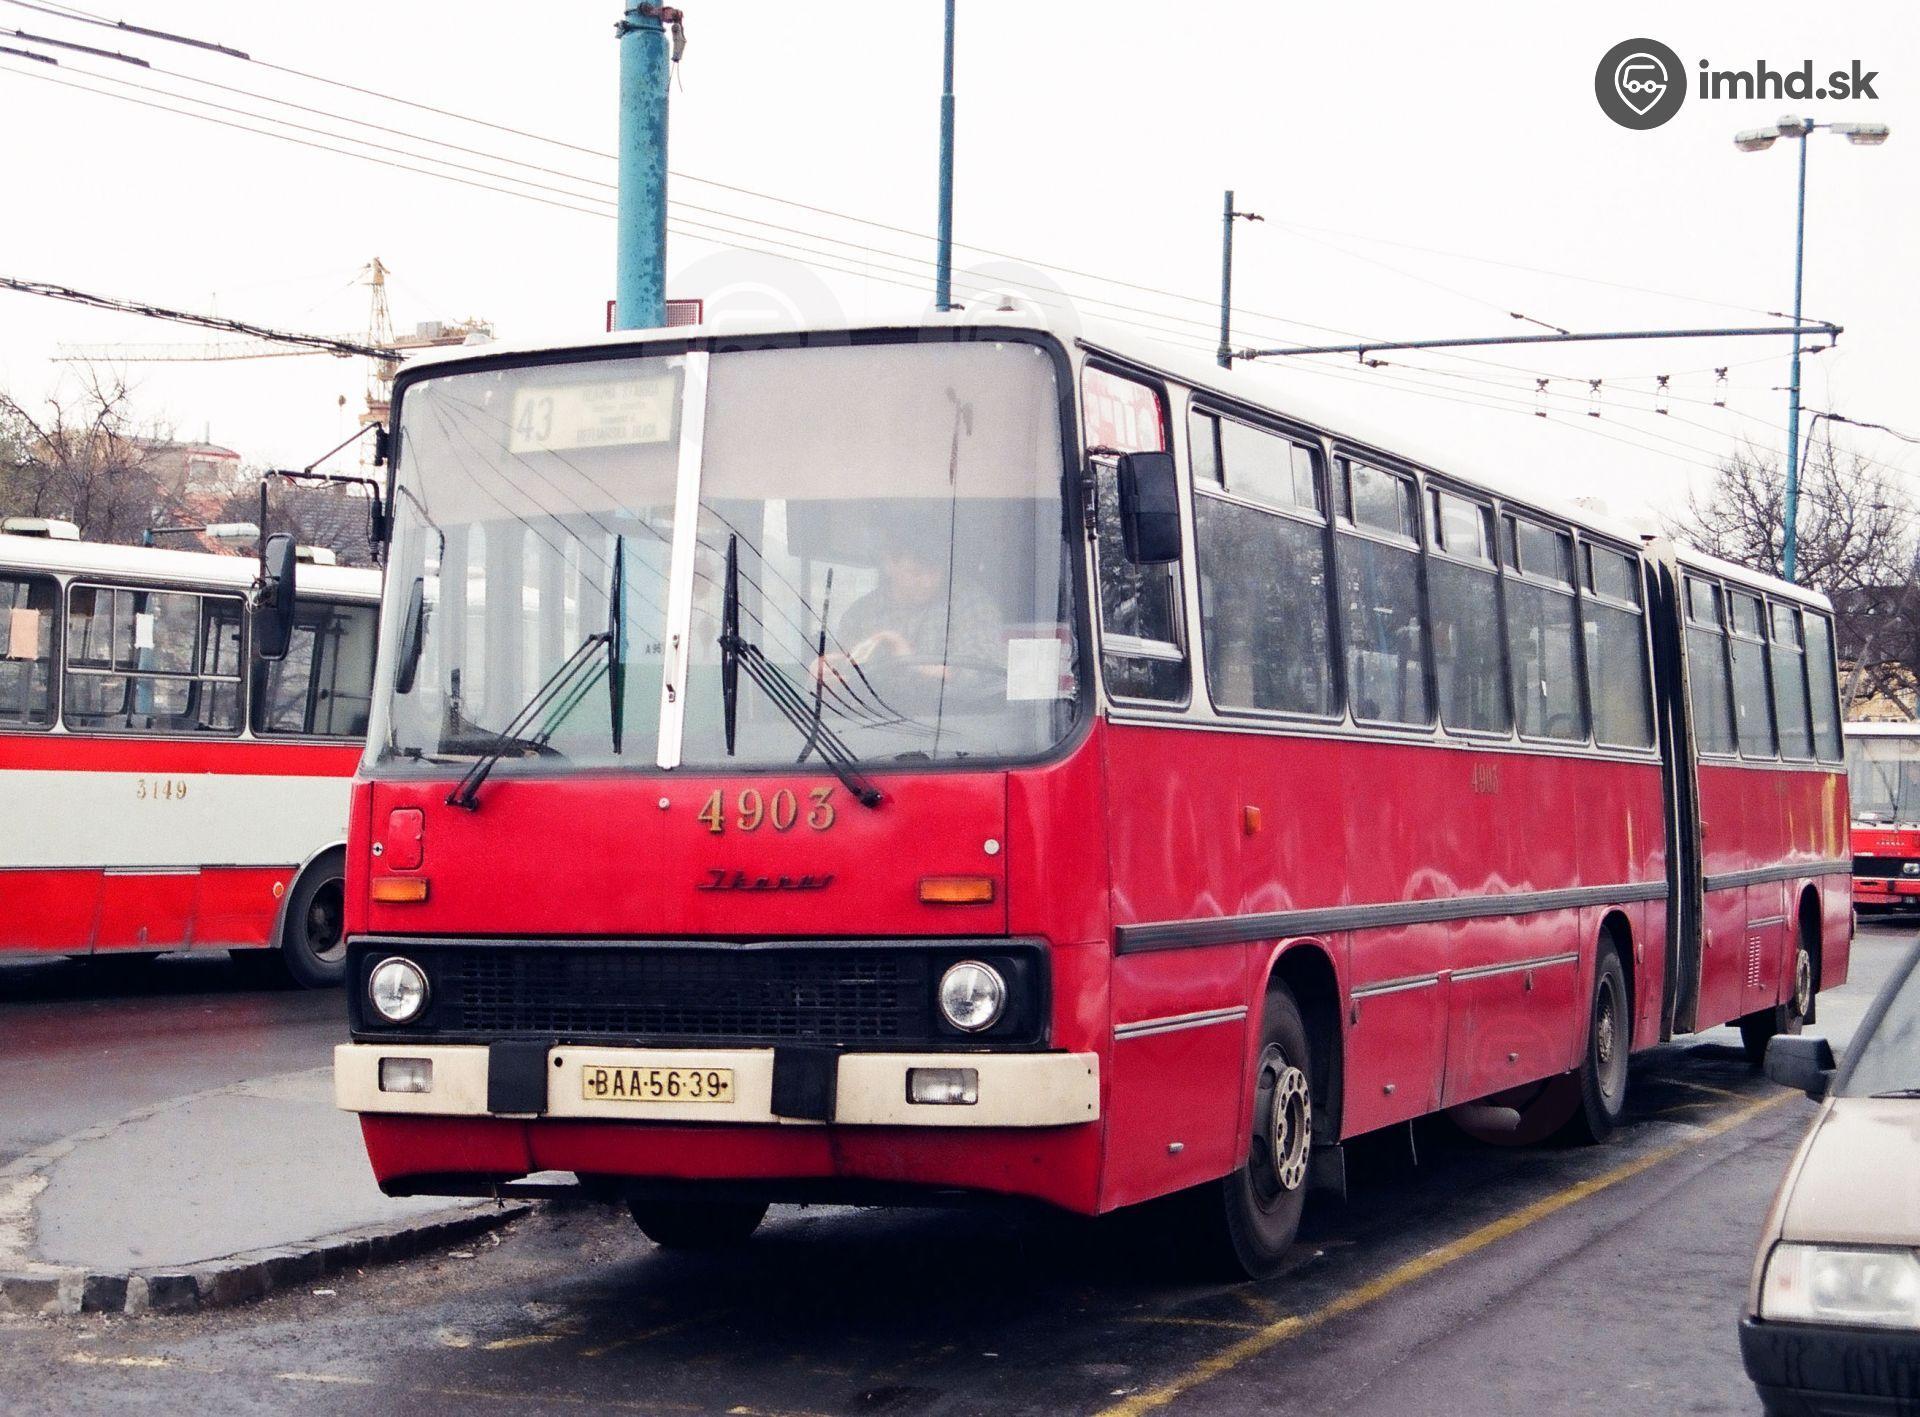 Ikarus 280 4903 Bratislava